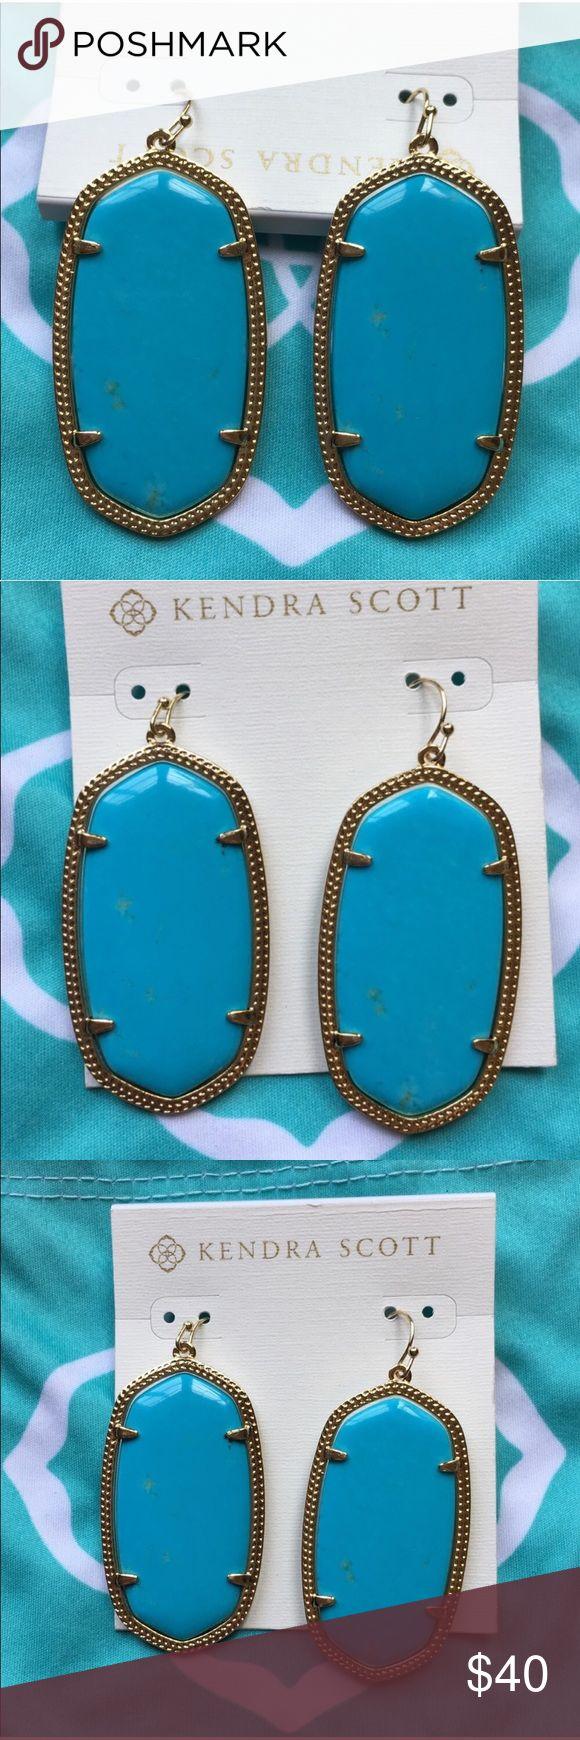 Kendra Scott Danielle earrings turquoise & gold Never worn! Includes dust bag Kendra Scott Jewelry Earrings